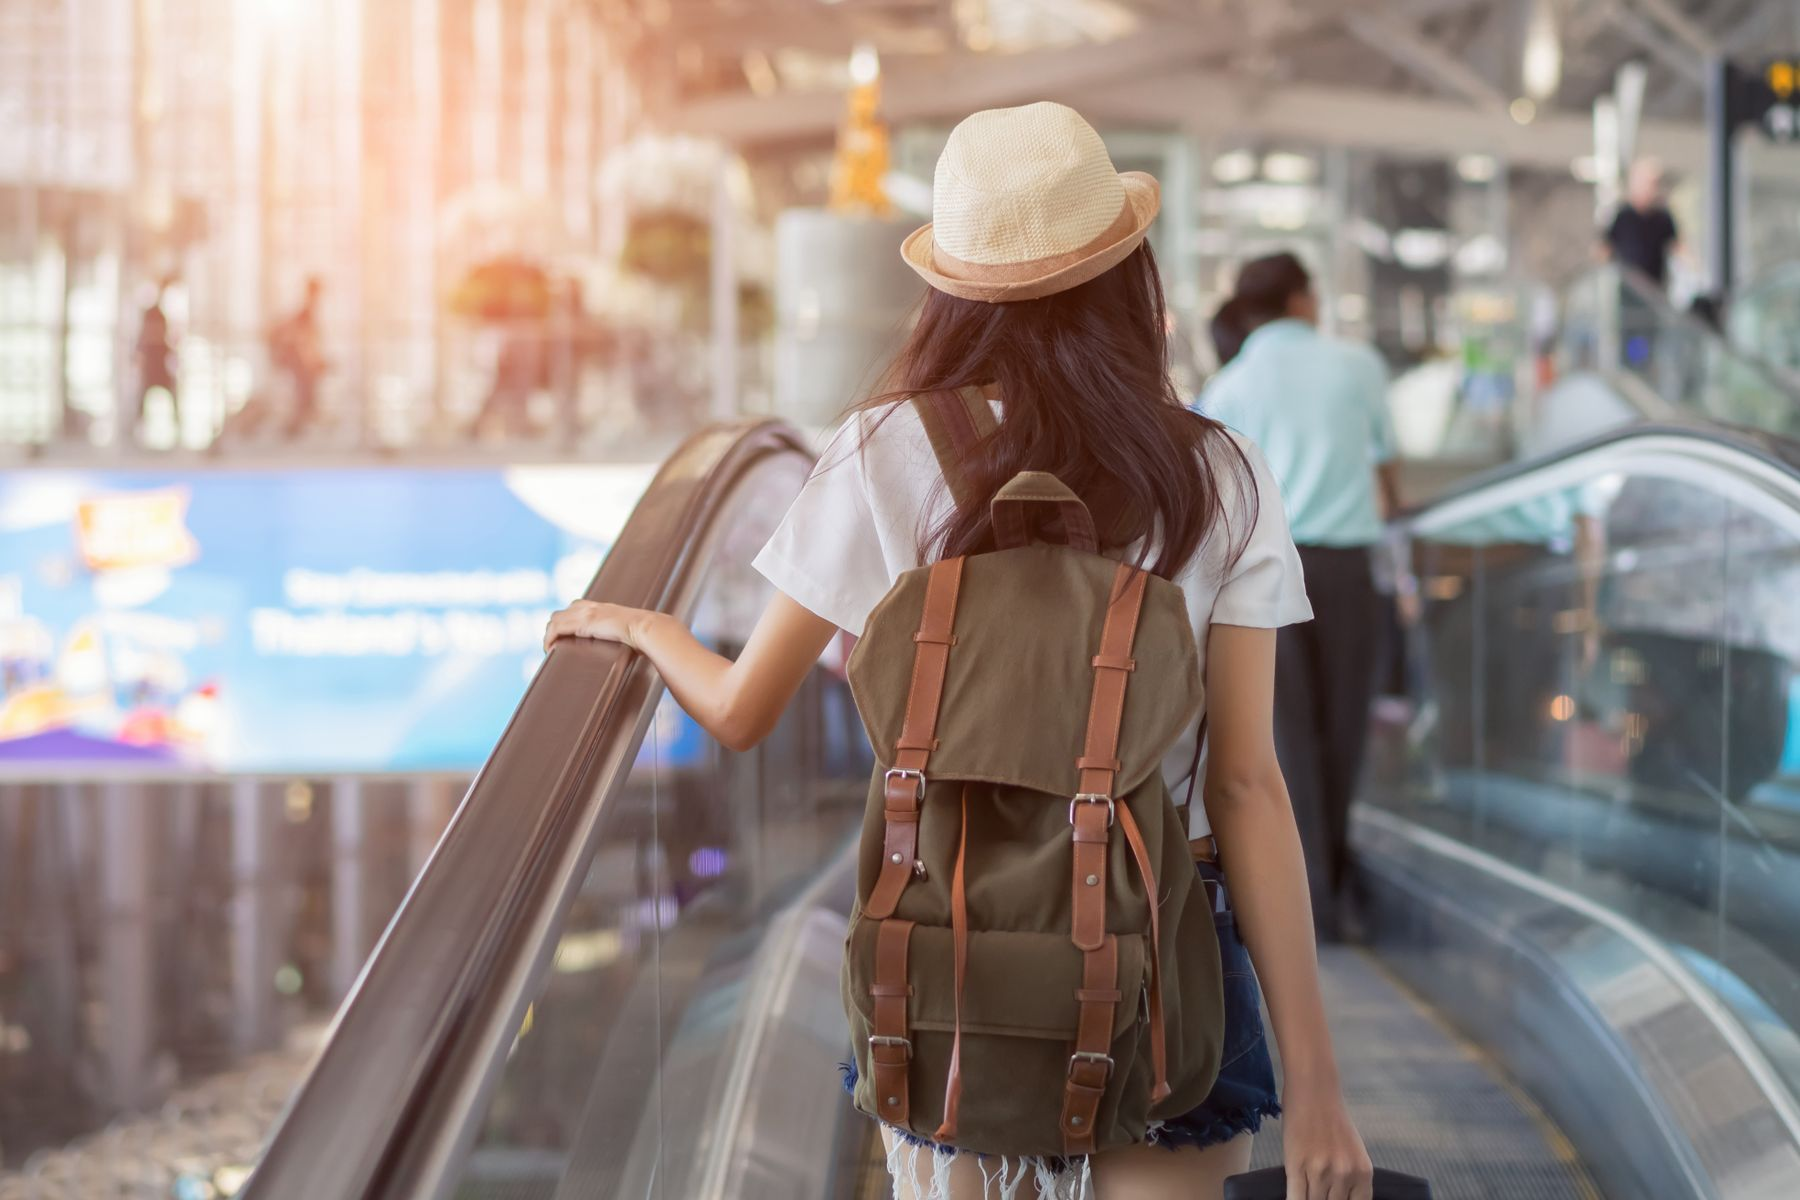 乘客在機場